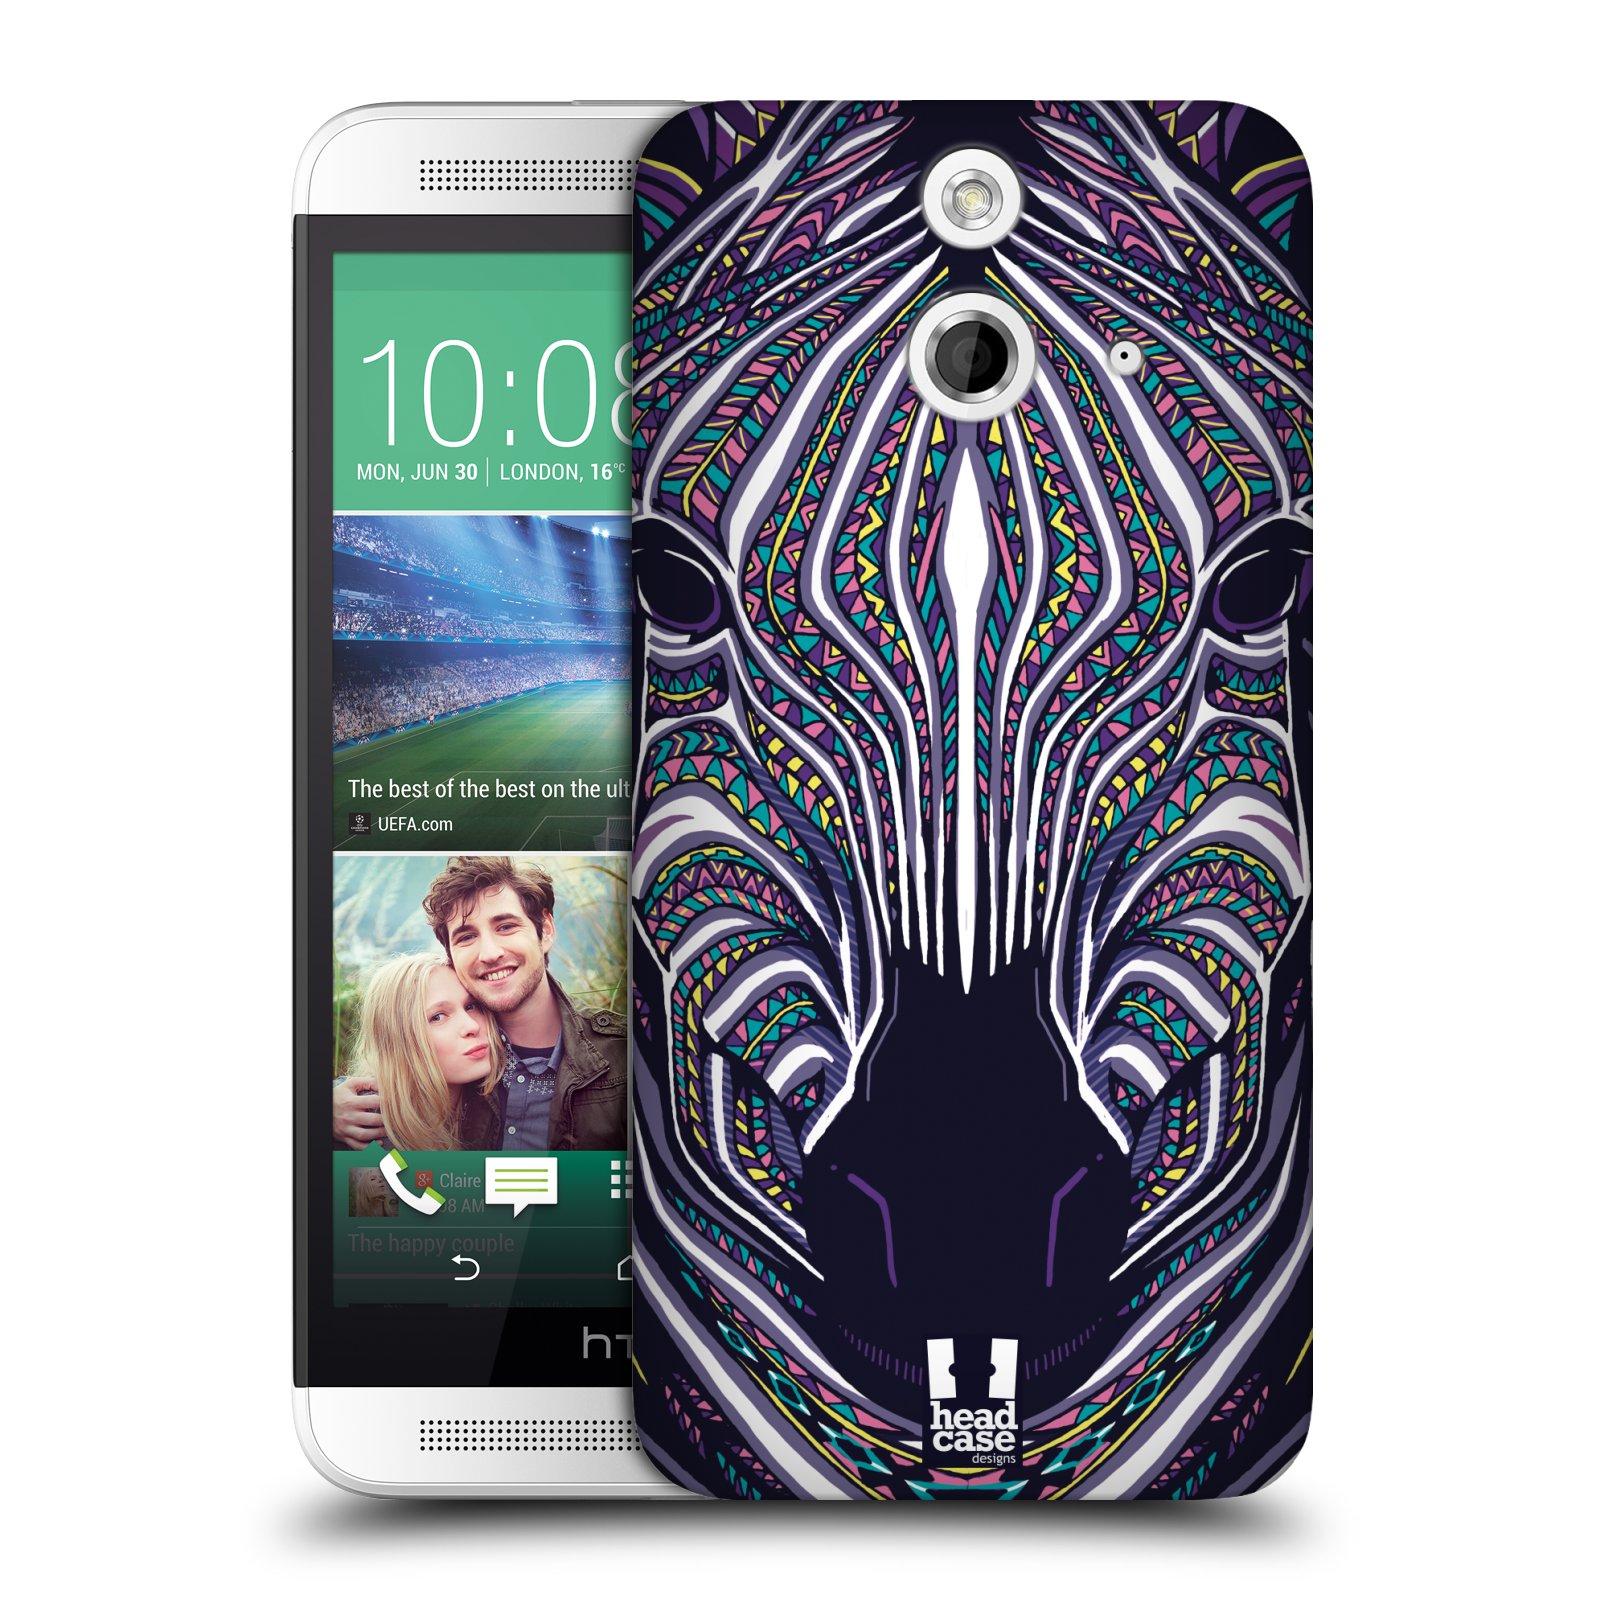 Plastové pouzdro na mobil HTC ONE E8 HEAD CASE AZTEC ZEBRA (Kryt či obal na mobilní telefon HTC ONE E8)